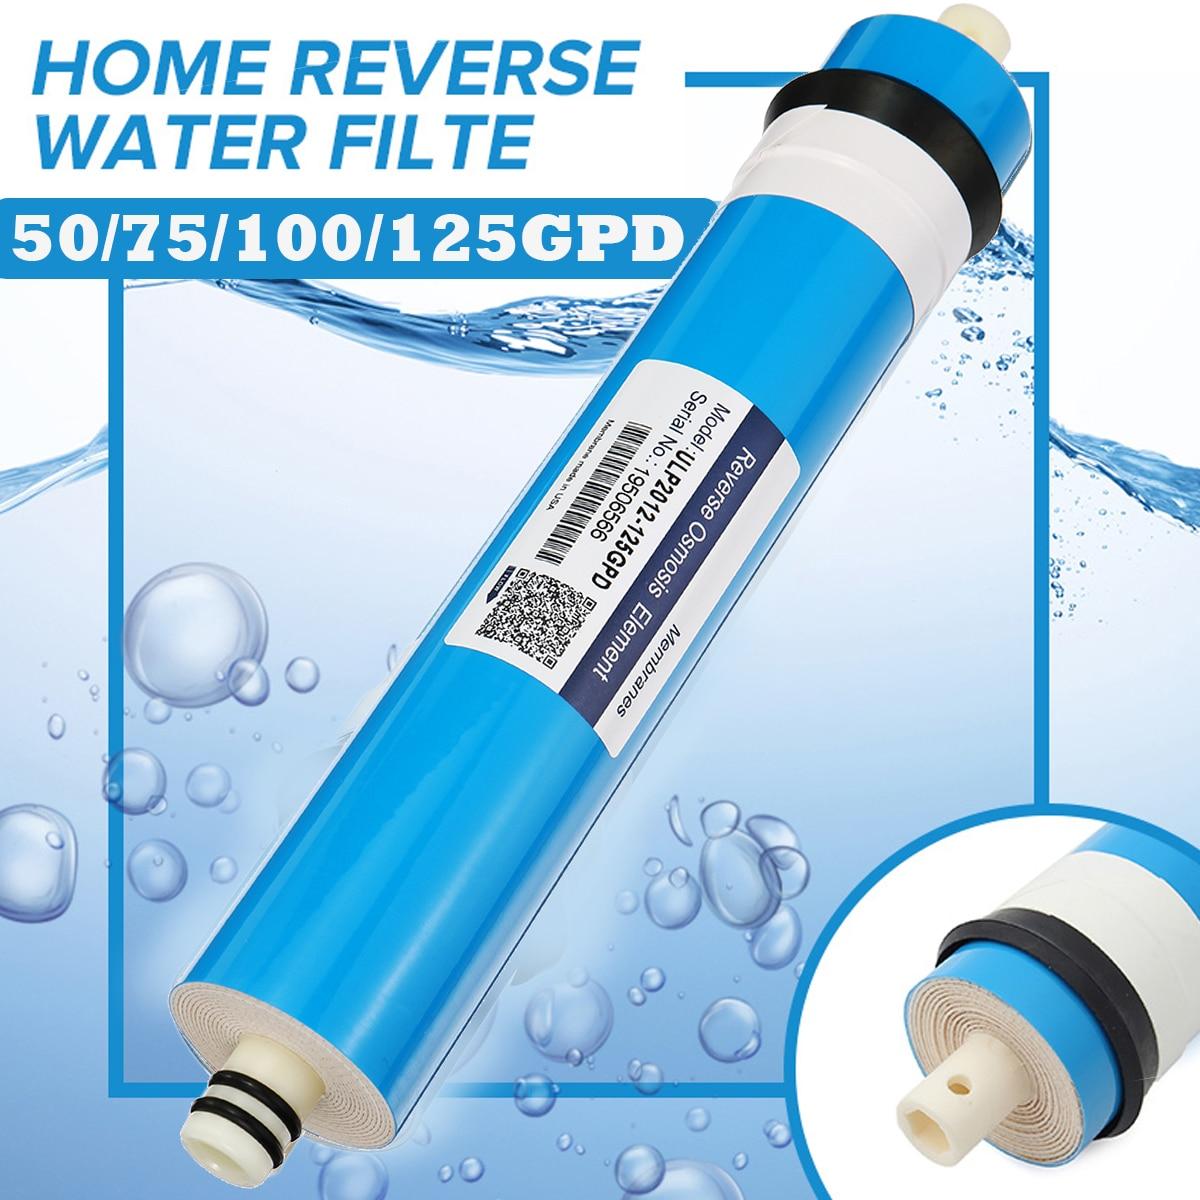 Système de filtre à eau de remplacement de Membrane d'osmose inverse de cuisine à la maison Filtration d'épuration de l'eau domestique 50/75/100/125GPD